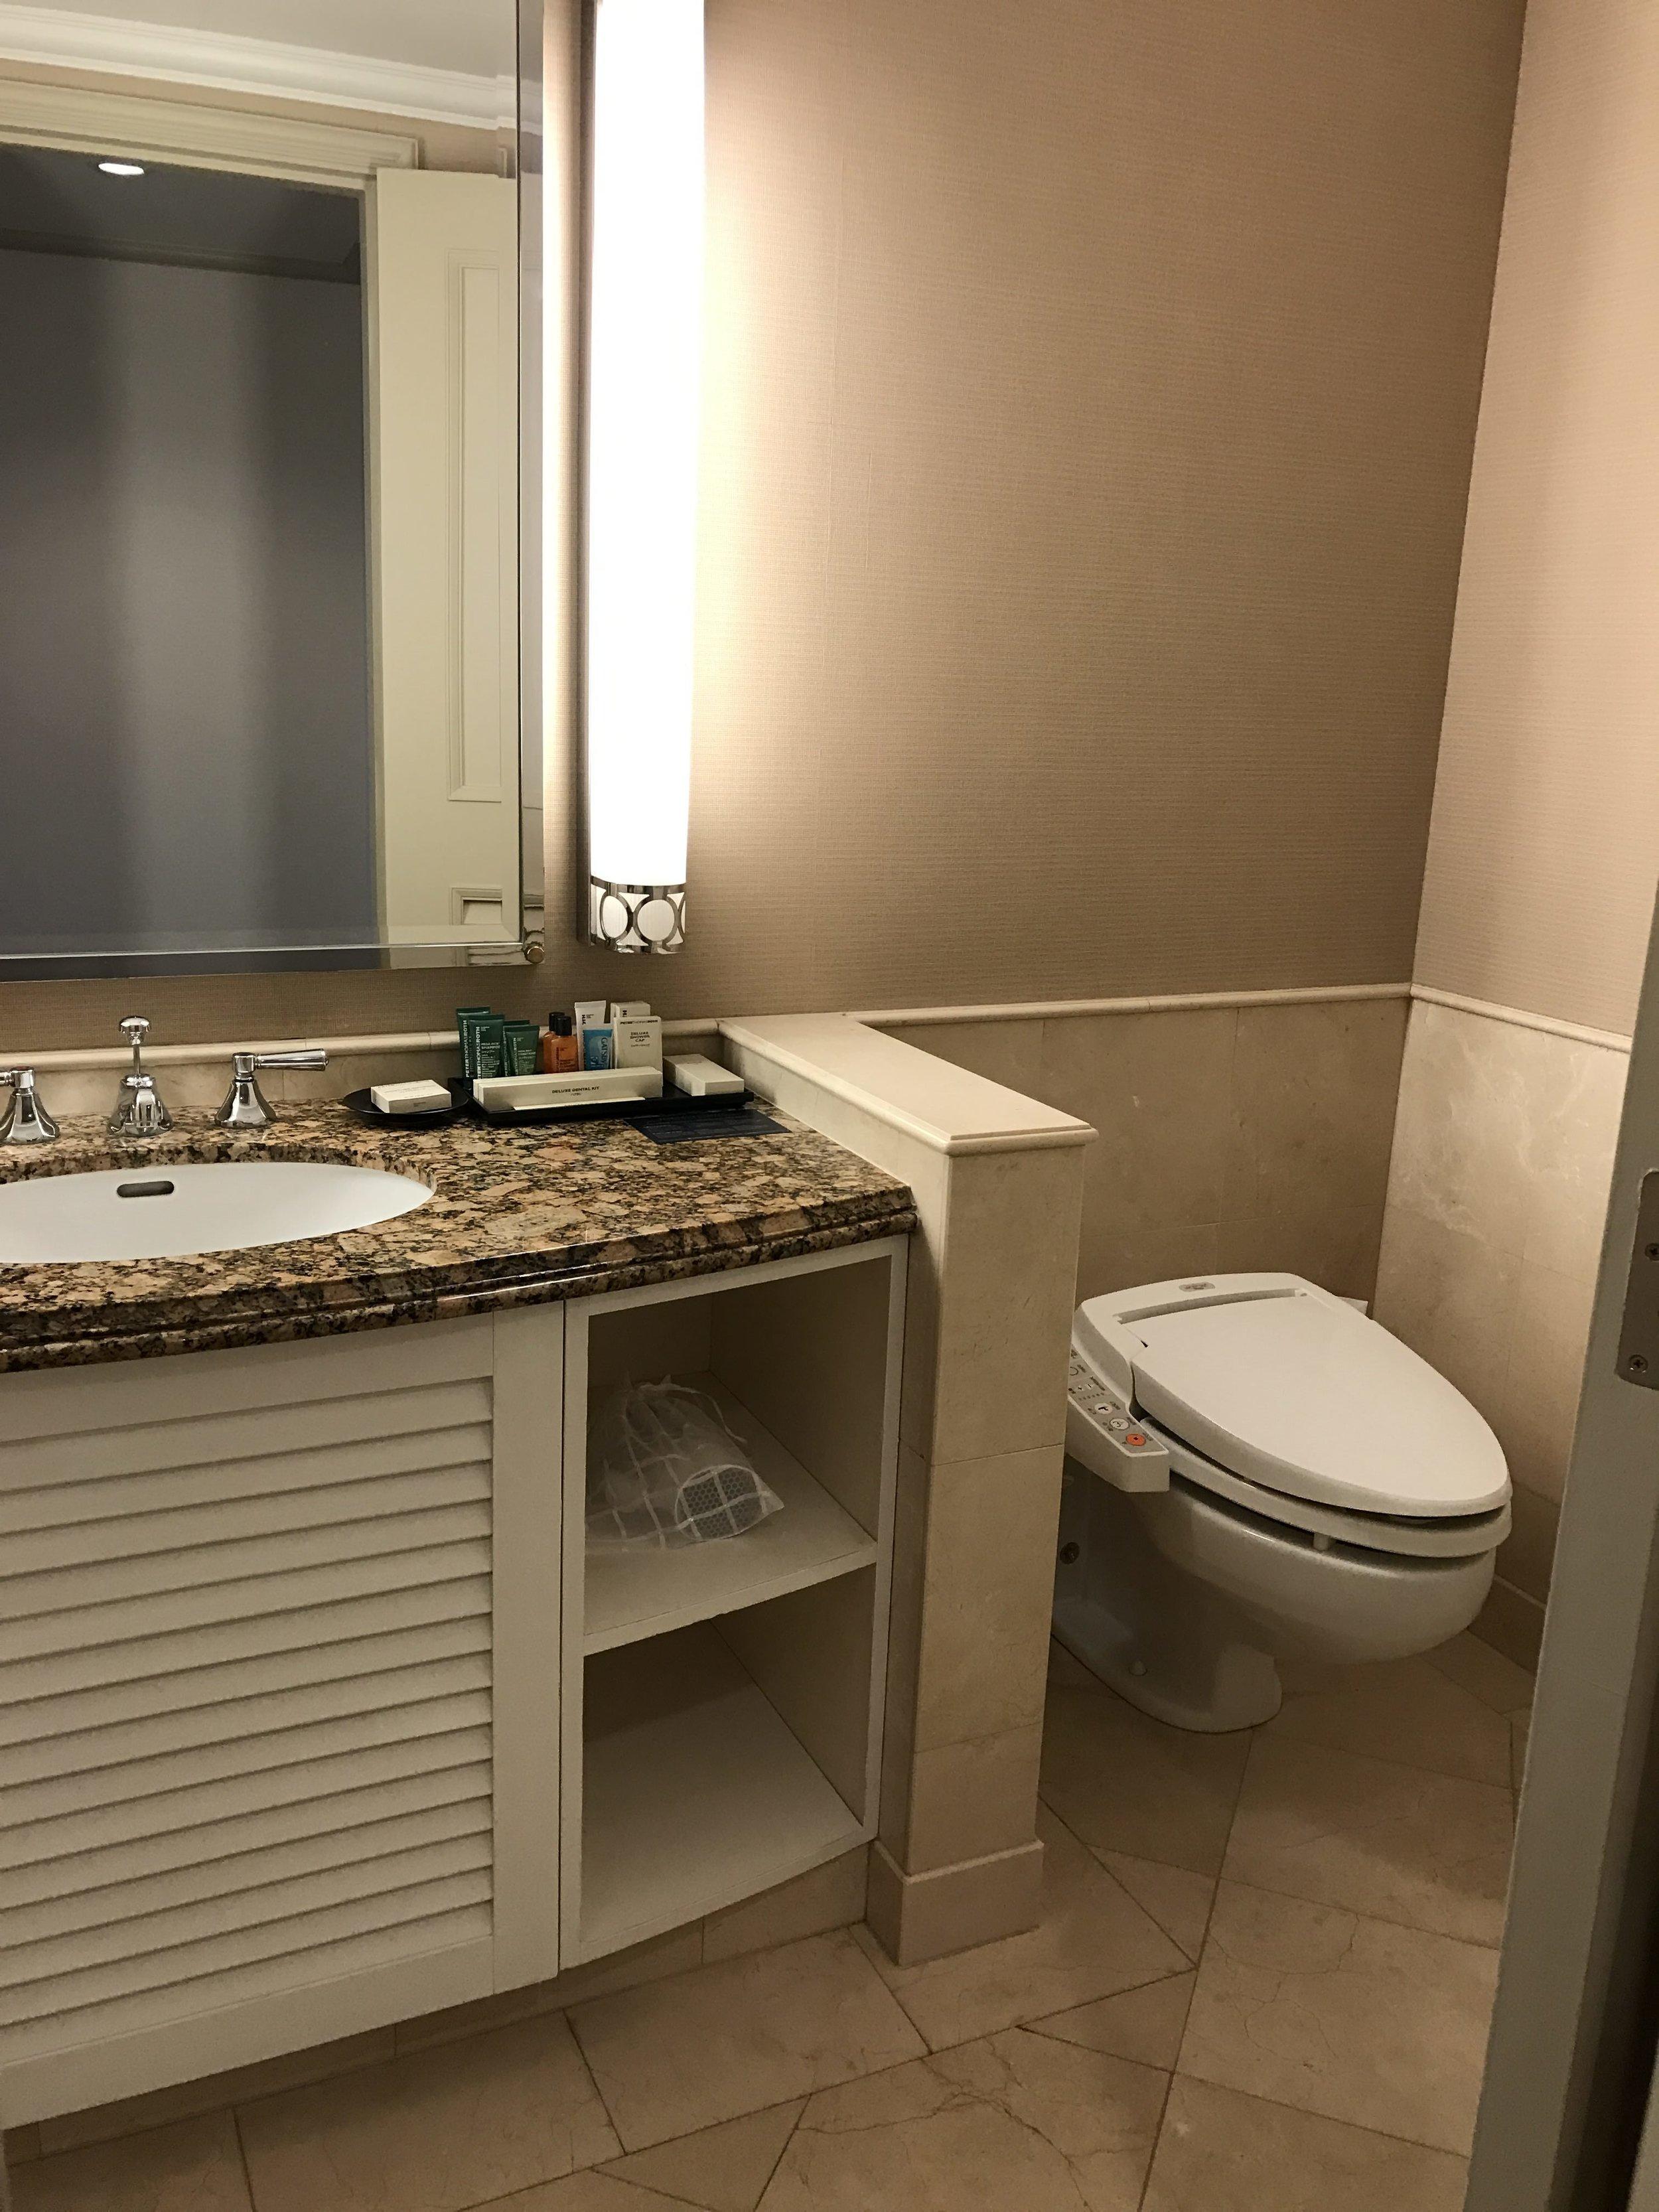 Bathroom view from the door